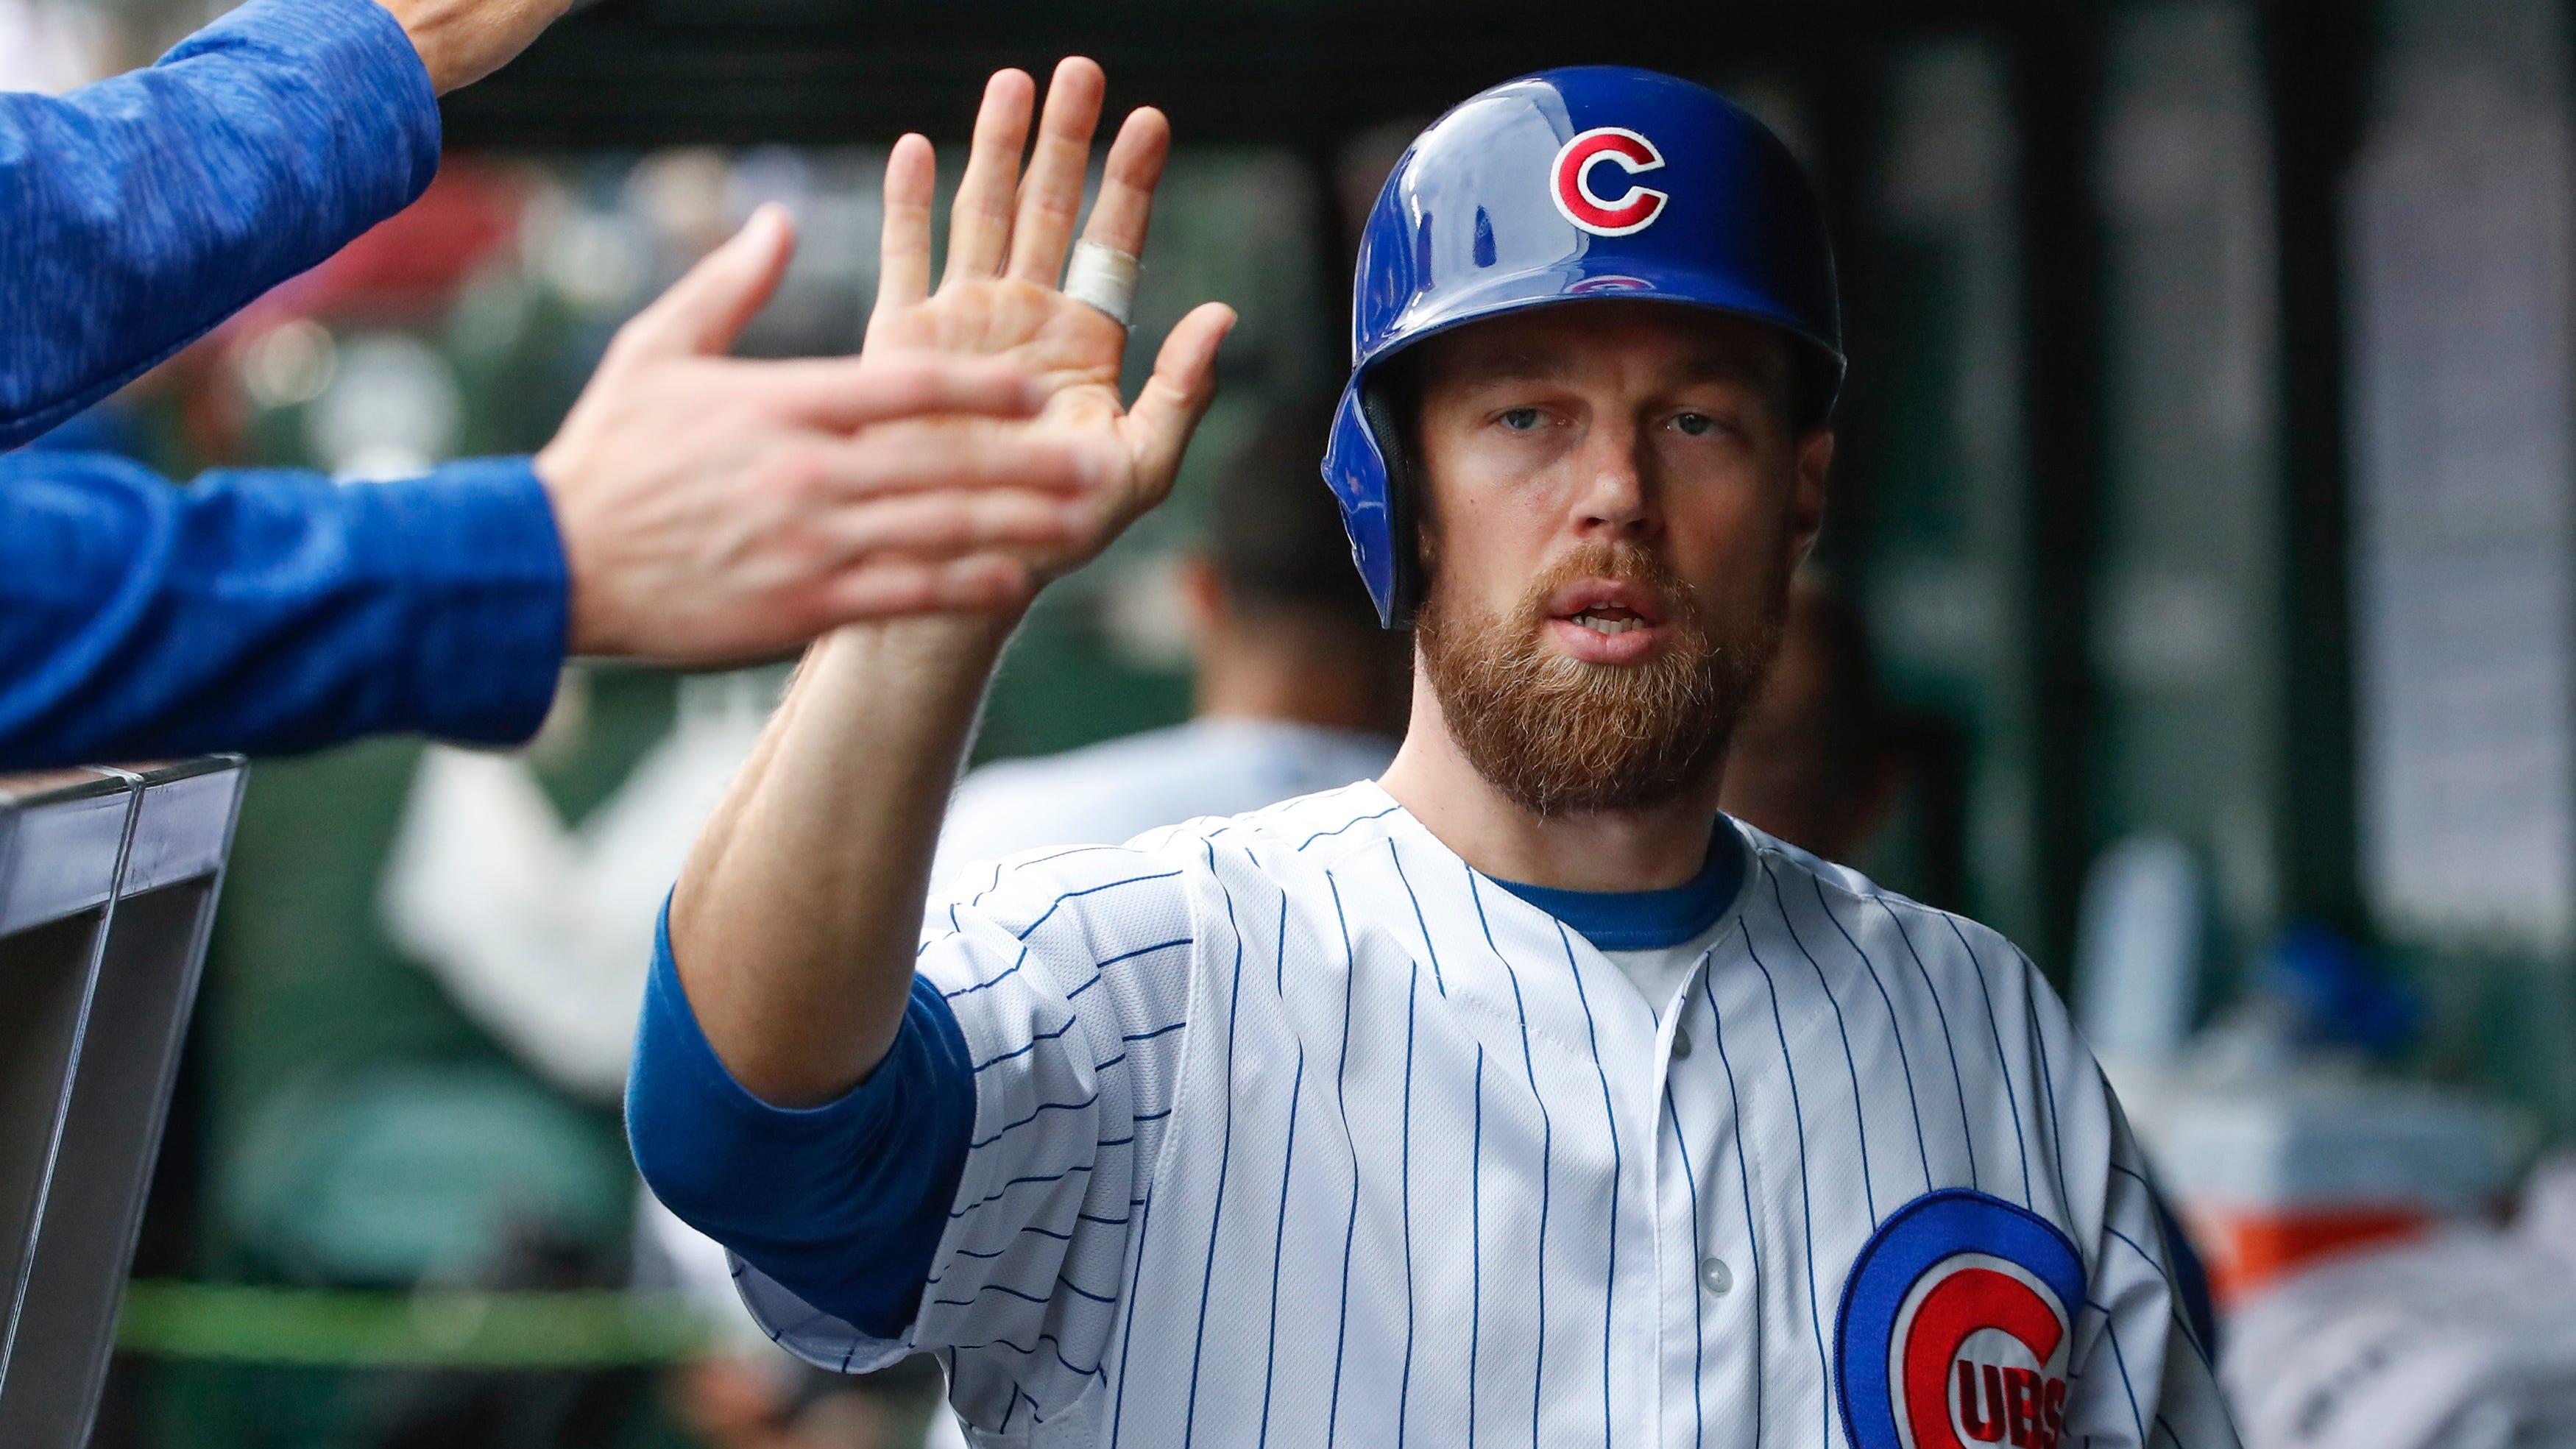 Ben Zobrist Chicago Cubs Baseball Player Jersey